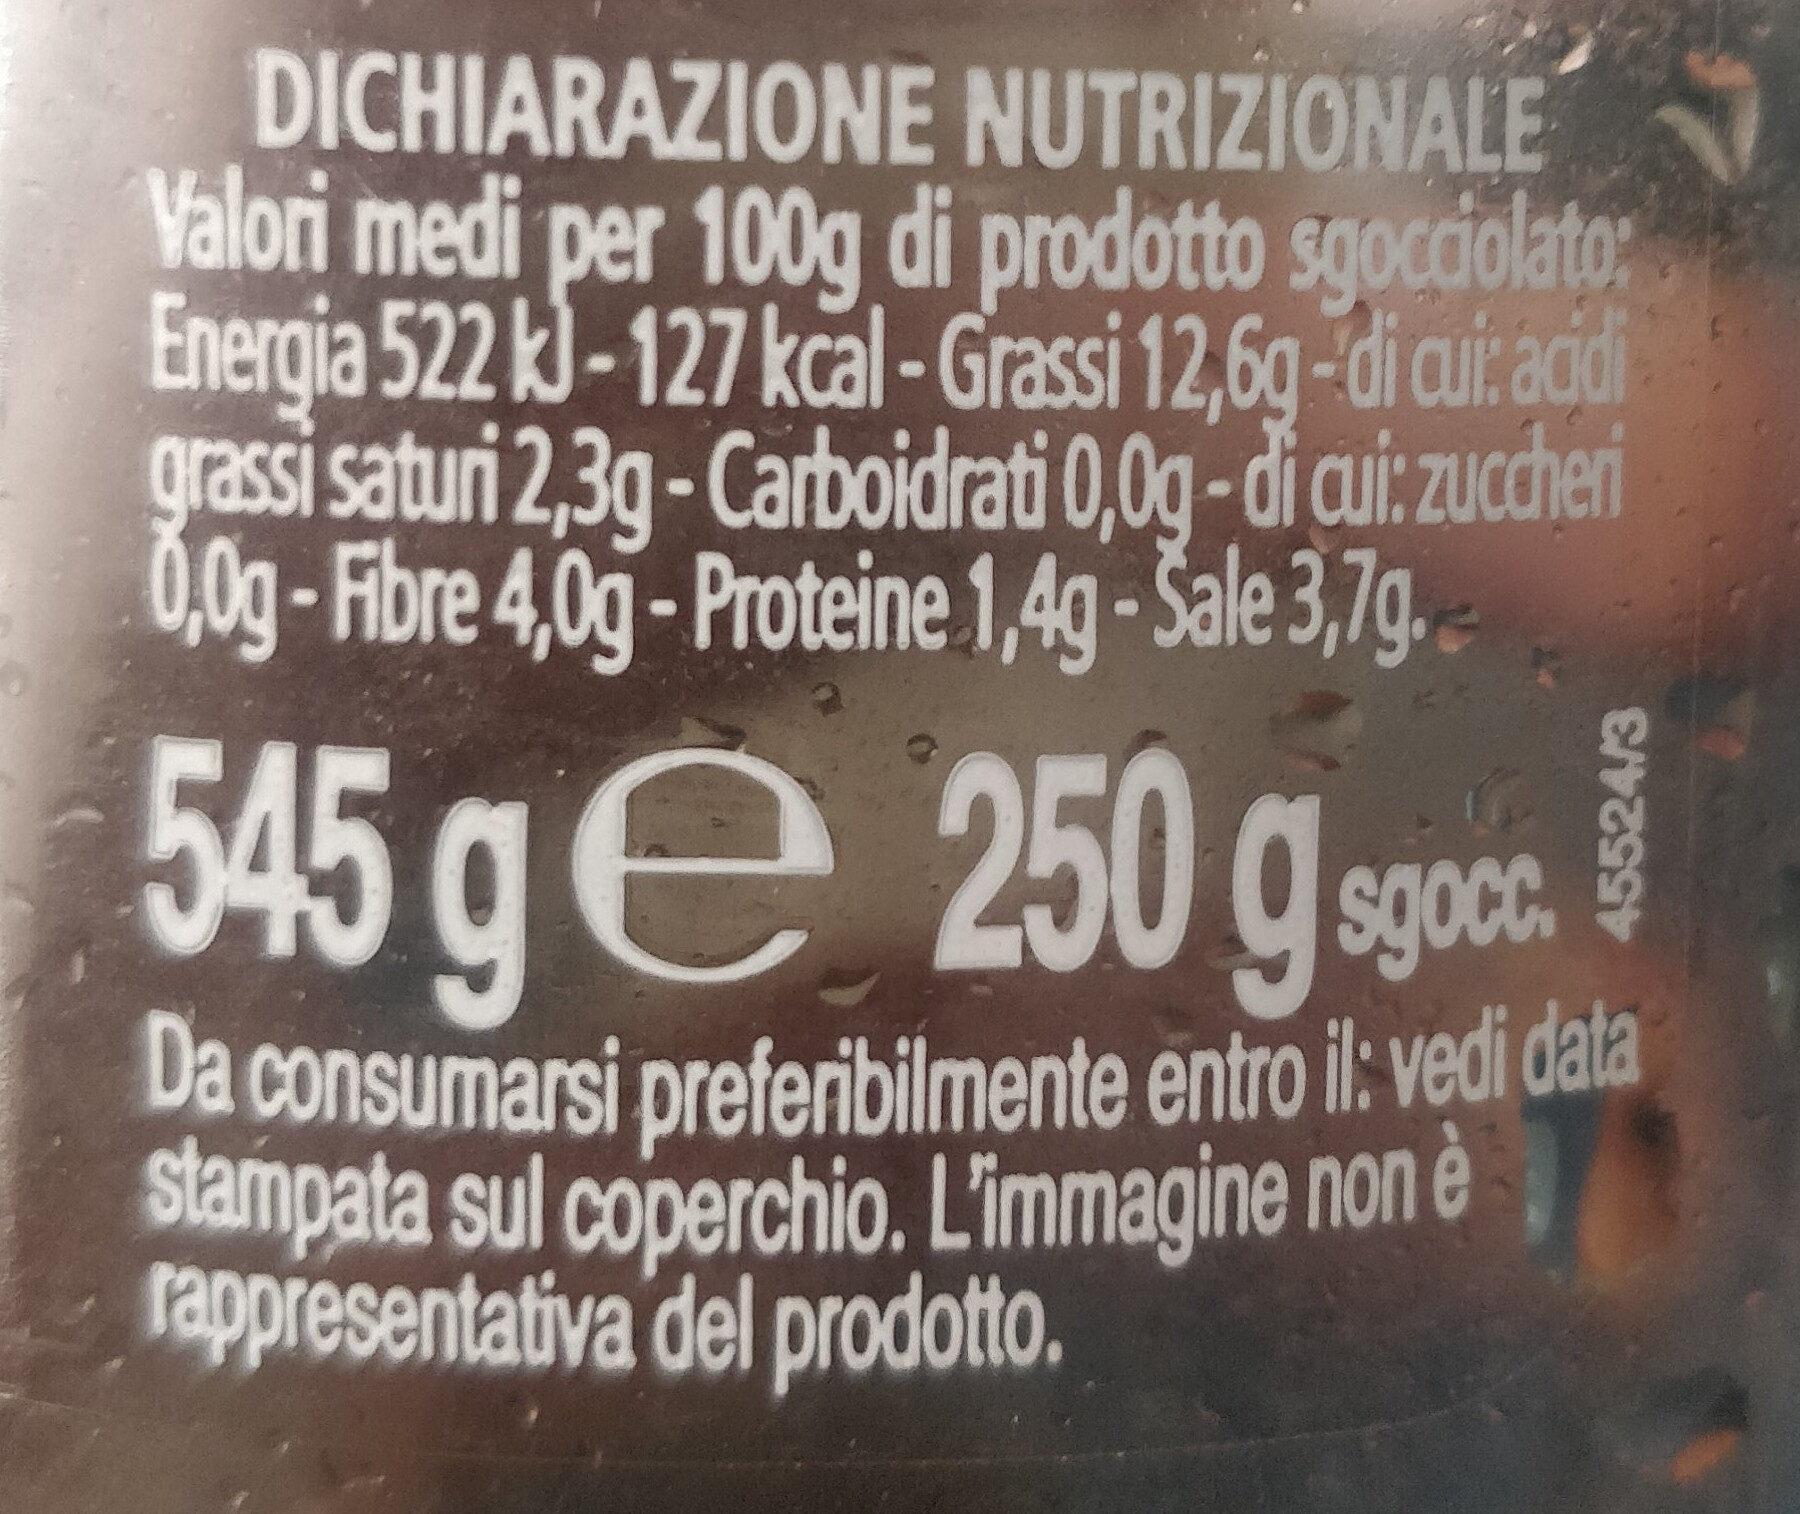 olive verdi denocciolate - Informazioni nutrizionali - it